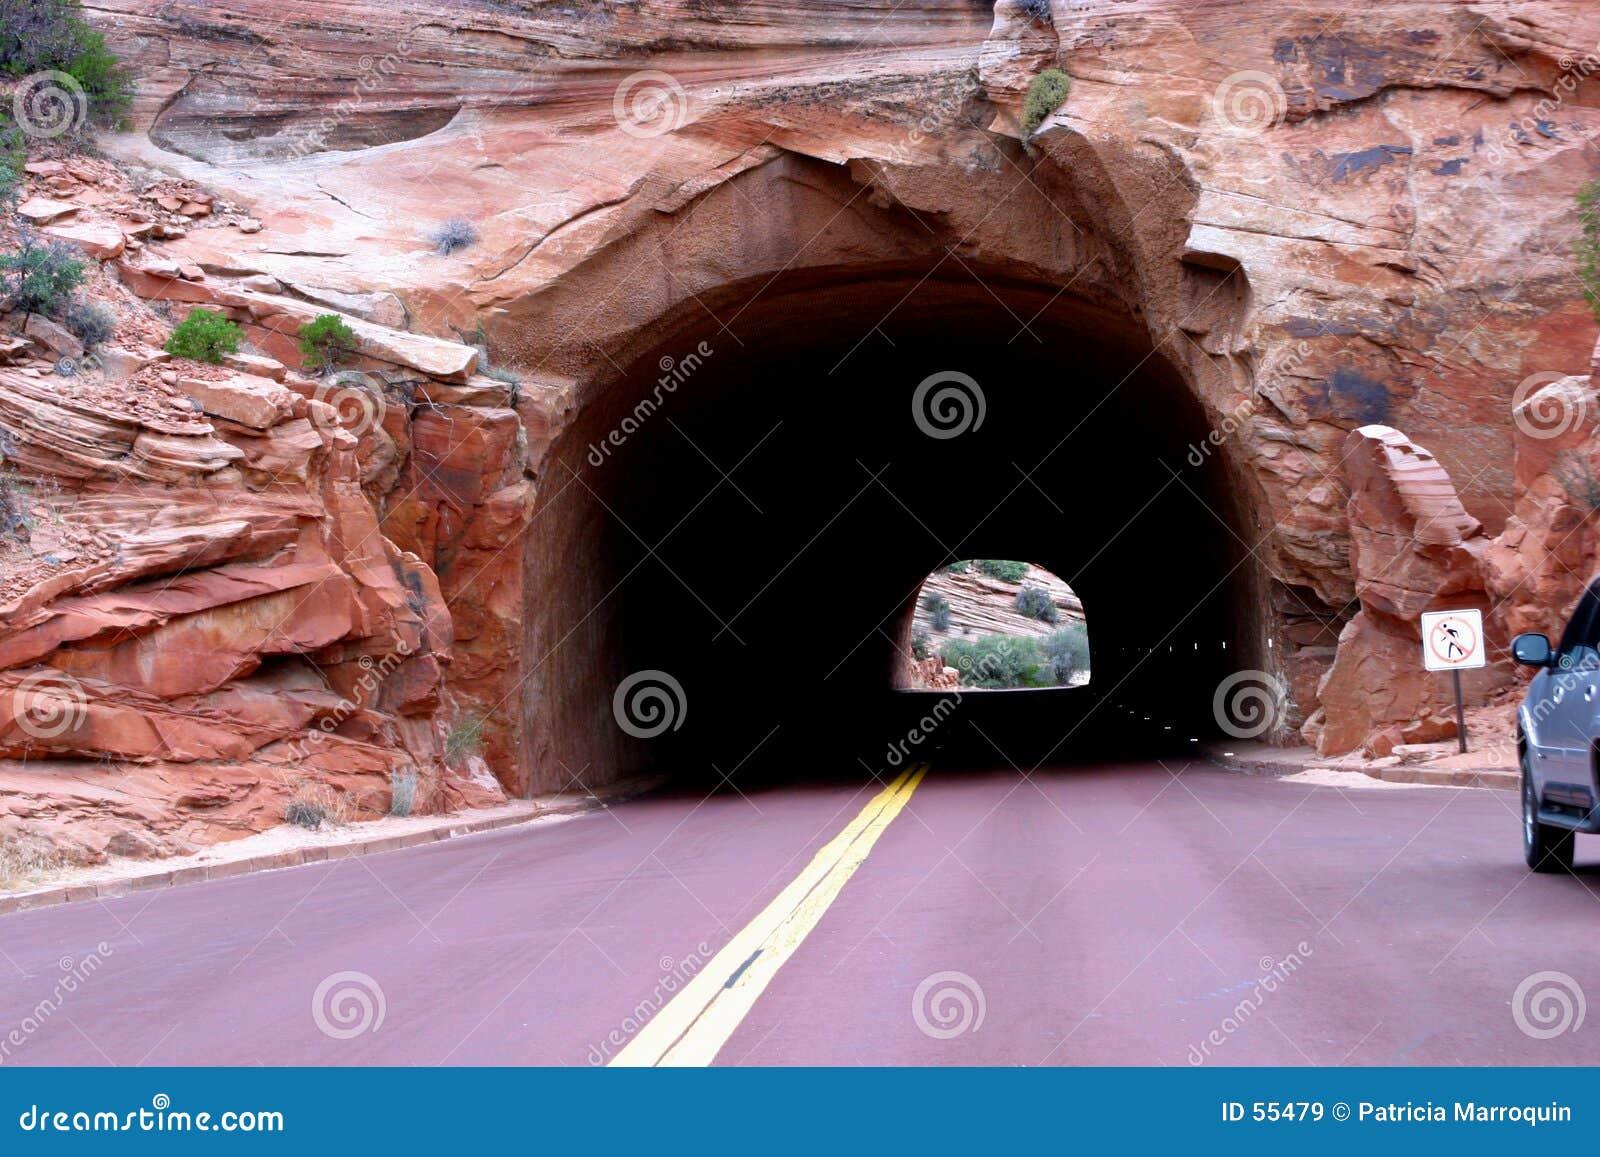 Adventures ново для того чтобы проложить тоннель